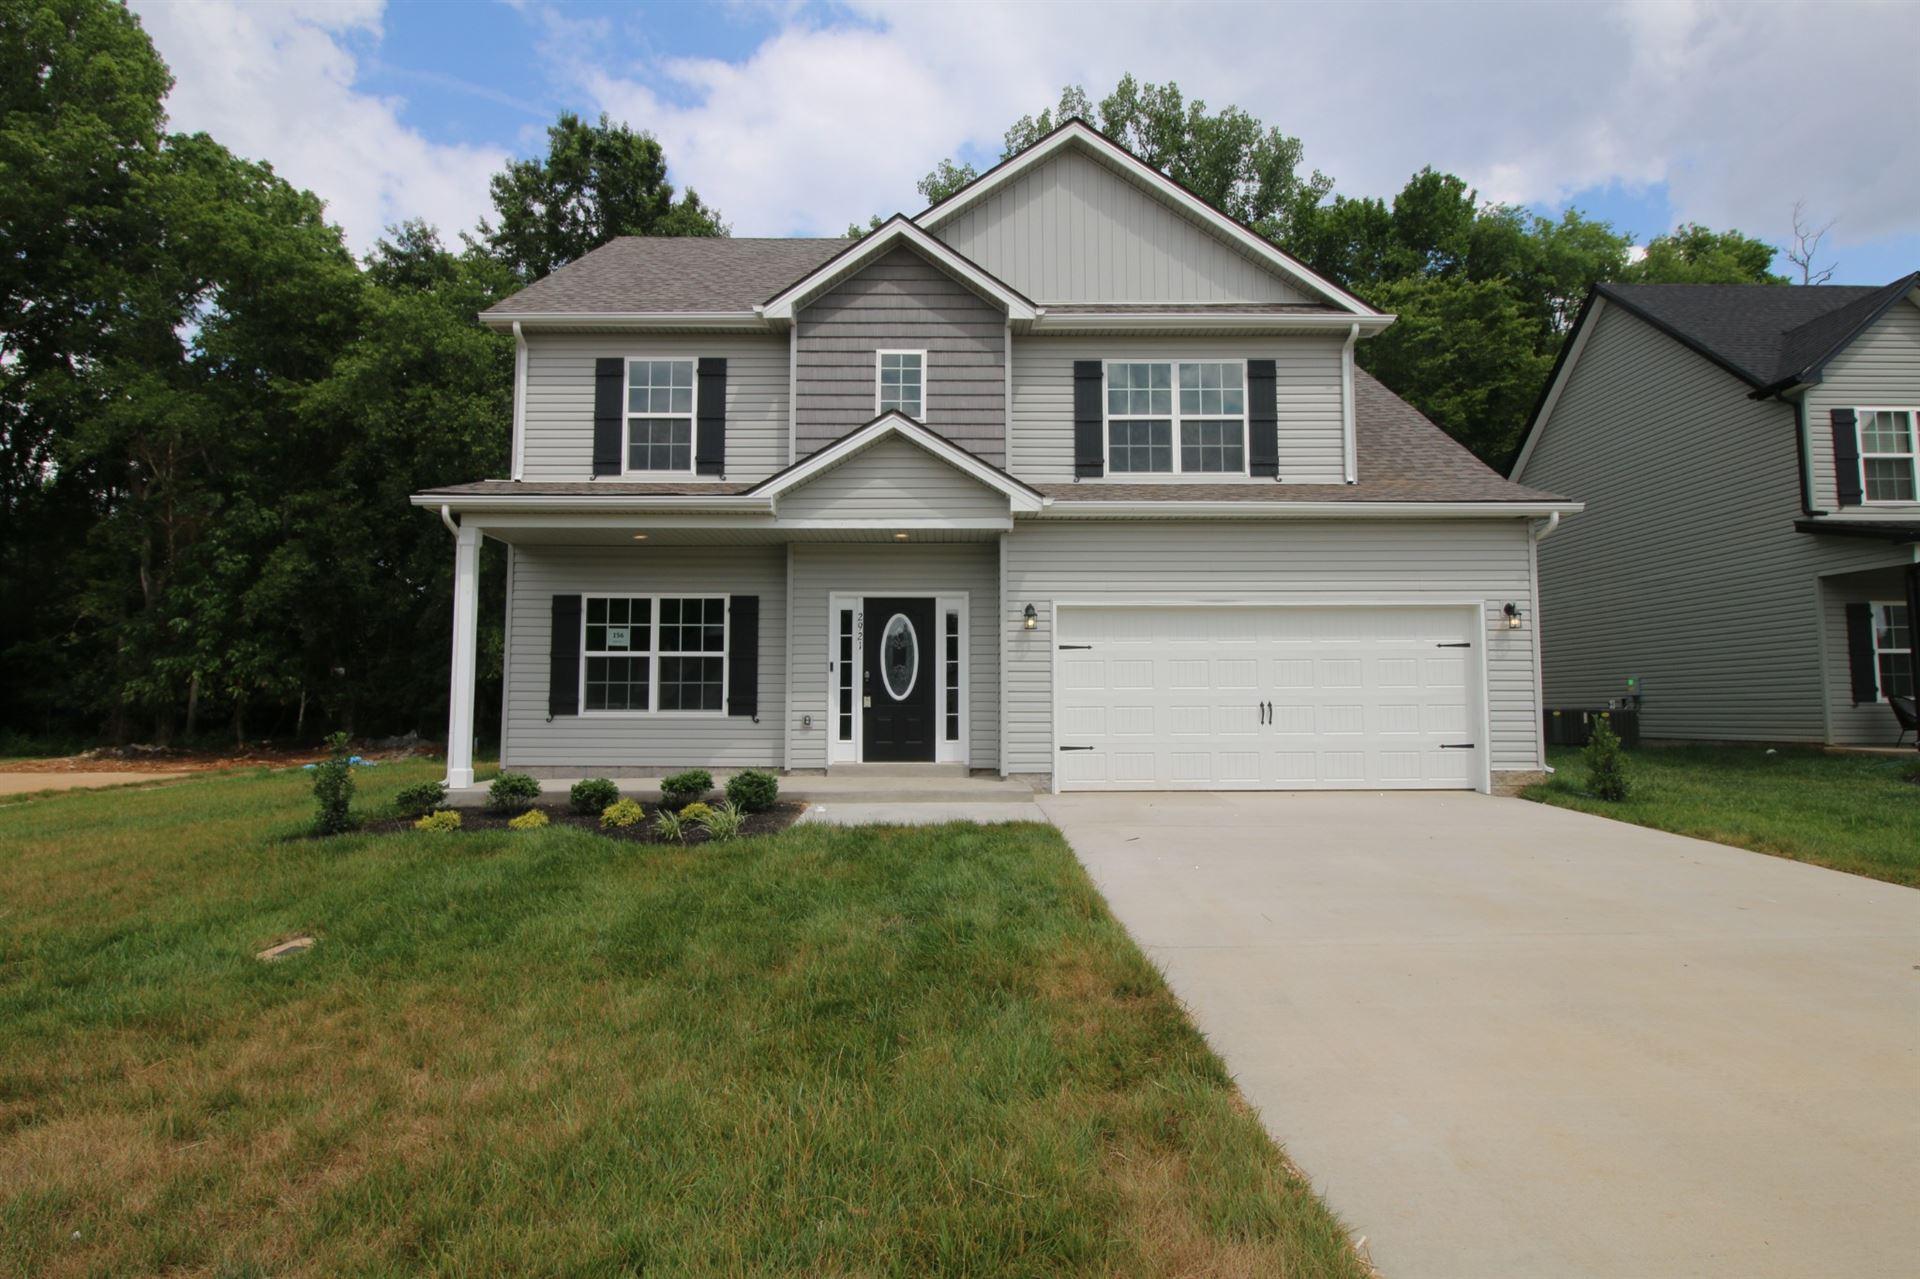 156 Chalet Hills, Clarksville, TN 37040 - MLS#: 2229717